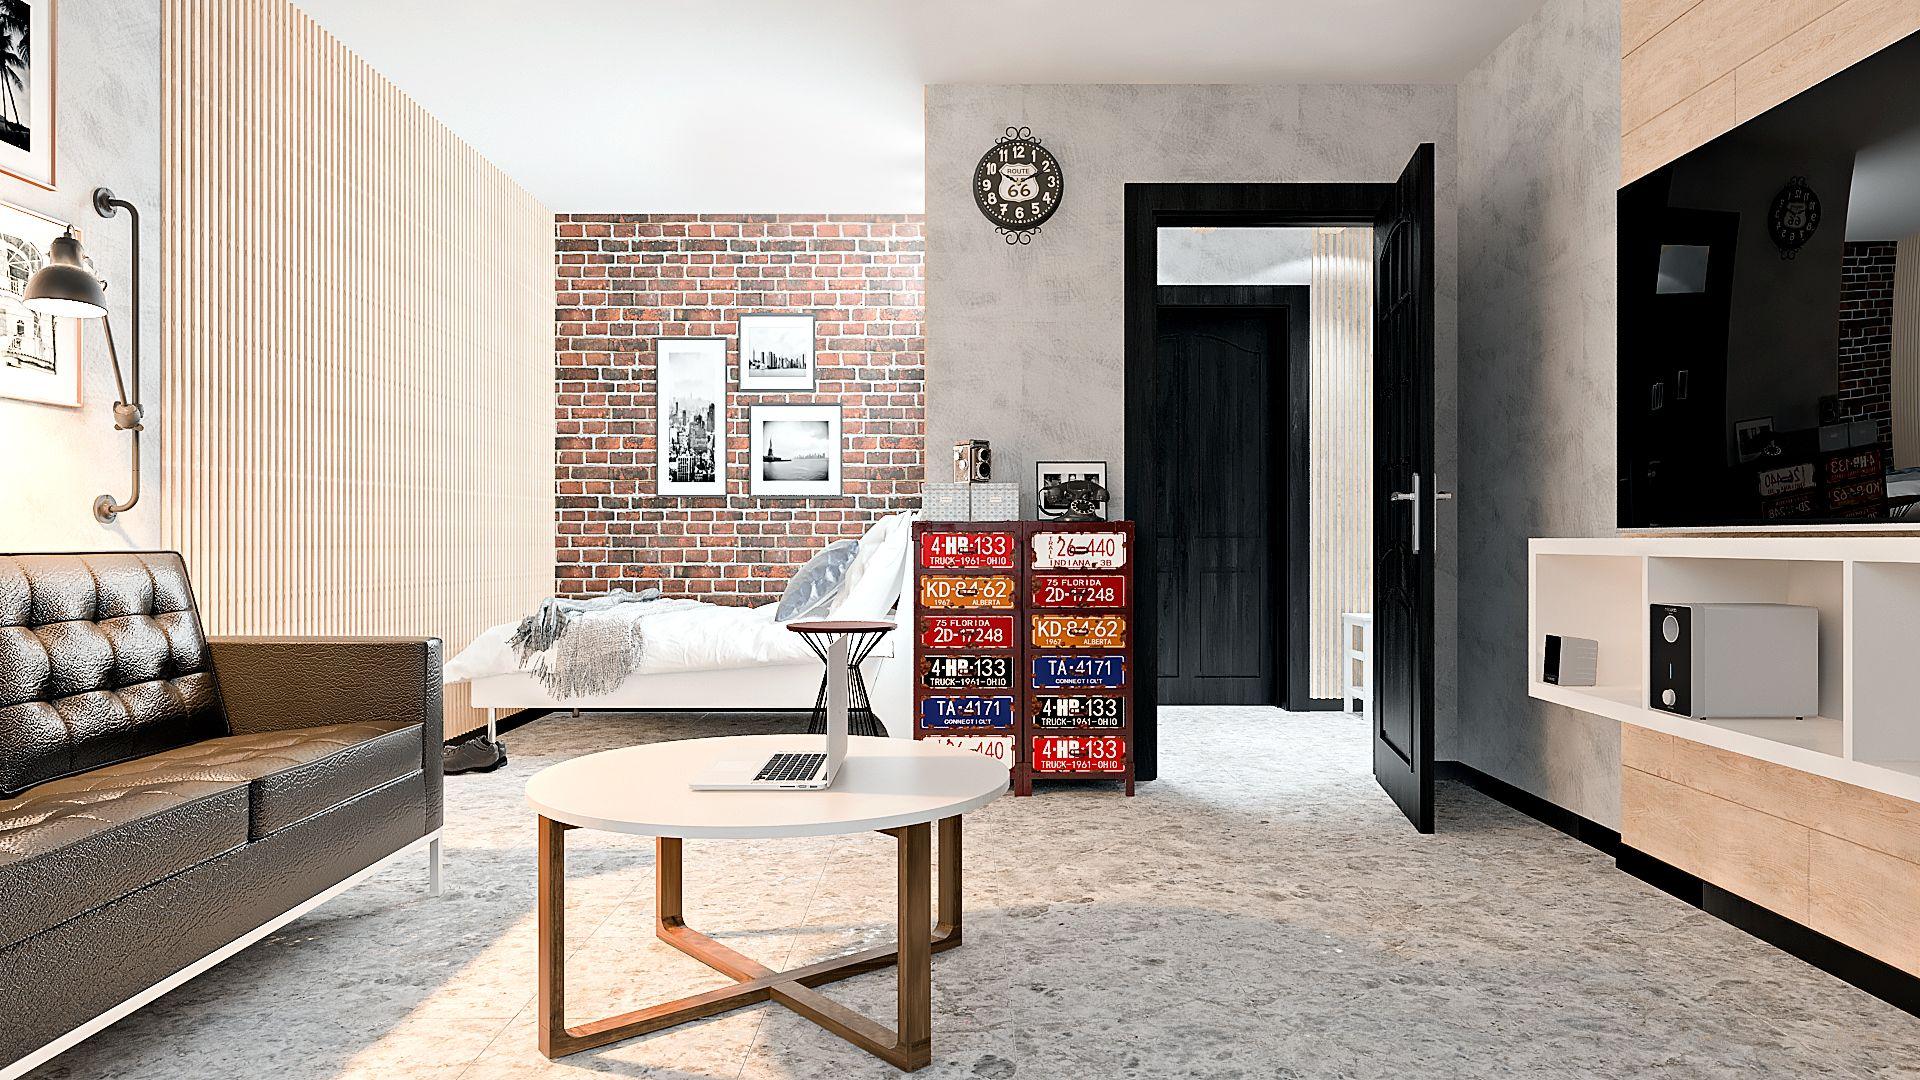 Дизайн однокомнатной квартиры в Гомеле, Гостиная - спальня в стиле лофт в квартире изображение 6, спальня-гостиная